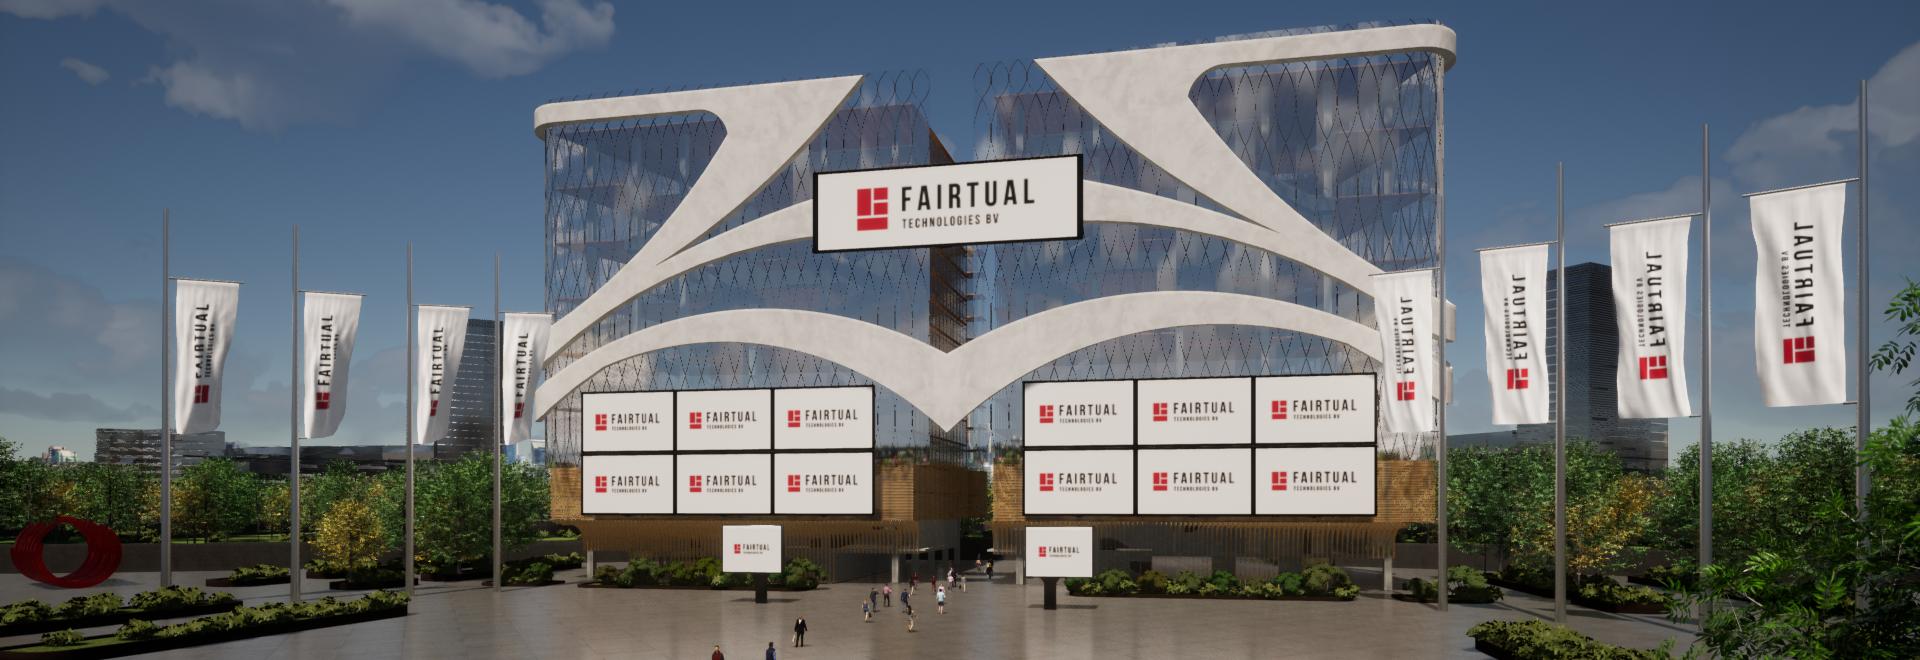 Beursgebouw Fairtual 3.0